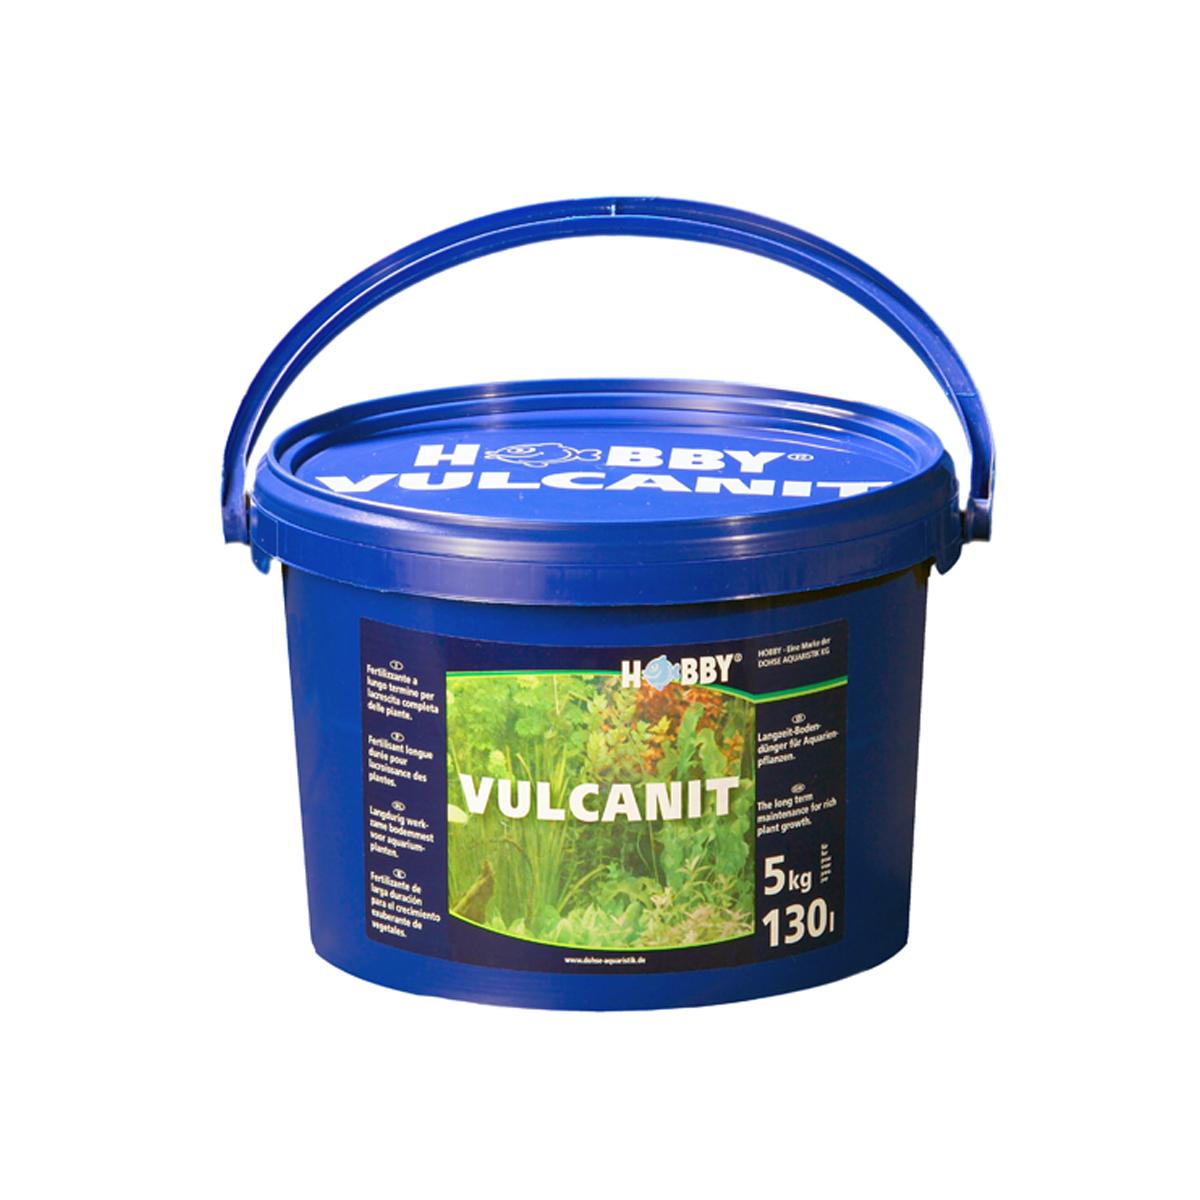 Hobby Vulcanit, engrais fond avec un effet de dépôt, 5 kg